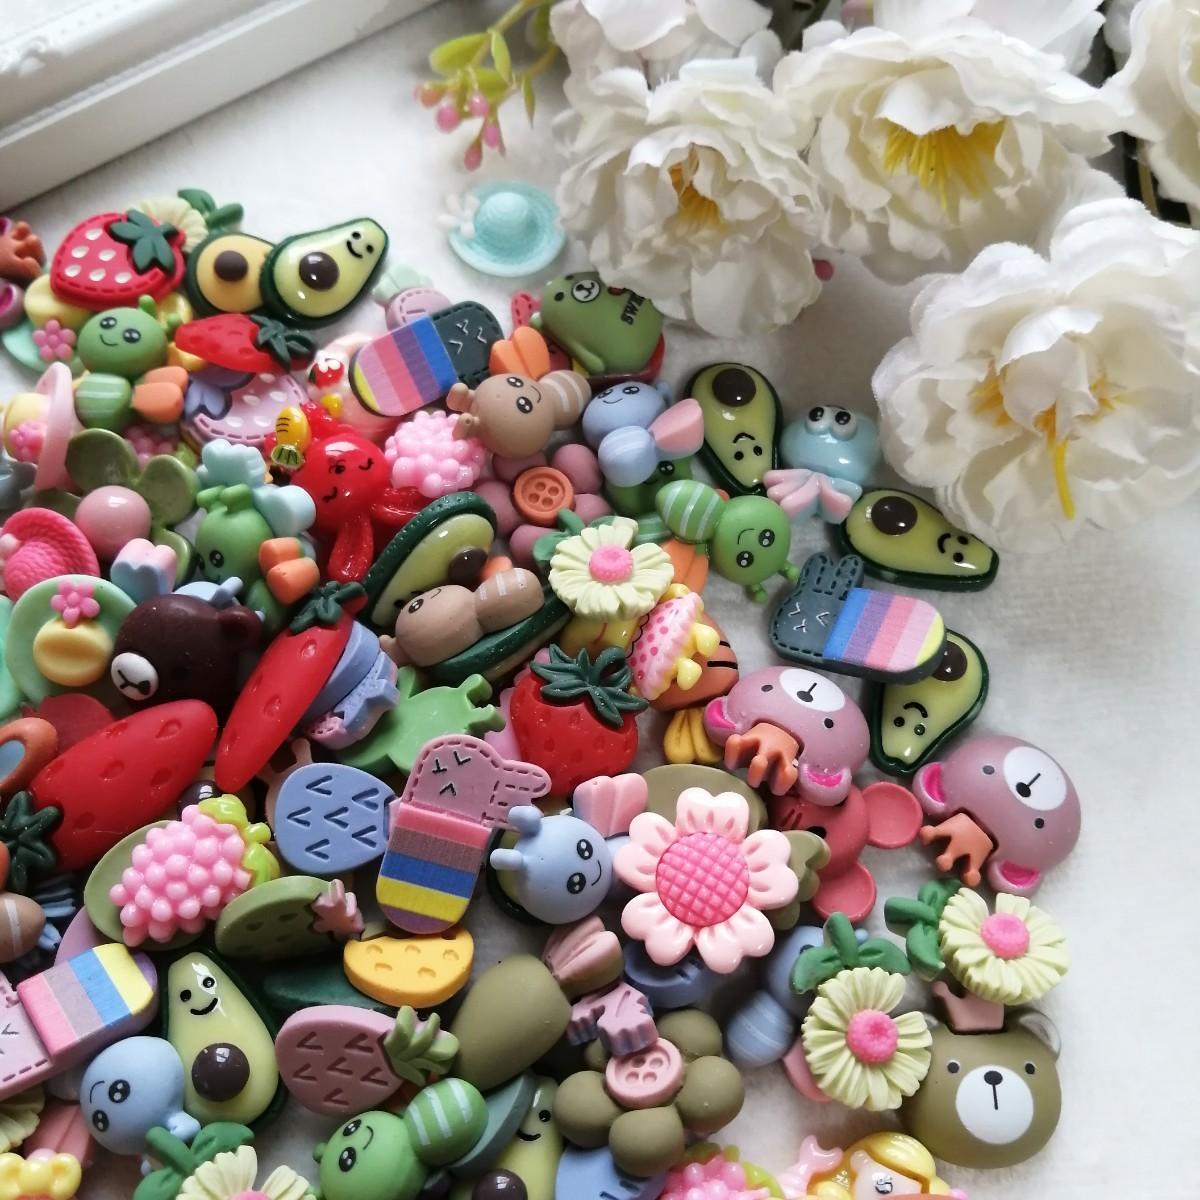 デコパーツ プラパーツ ハンドメイド  材料 手作り パーツ アボカド 果物 2